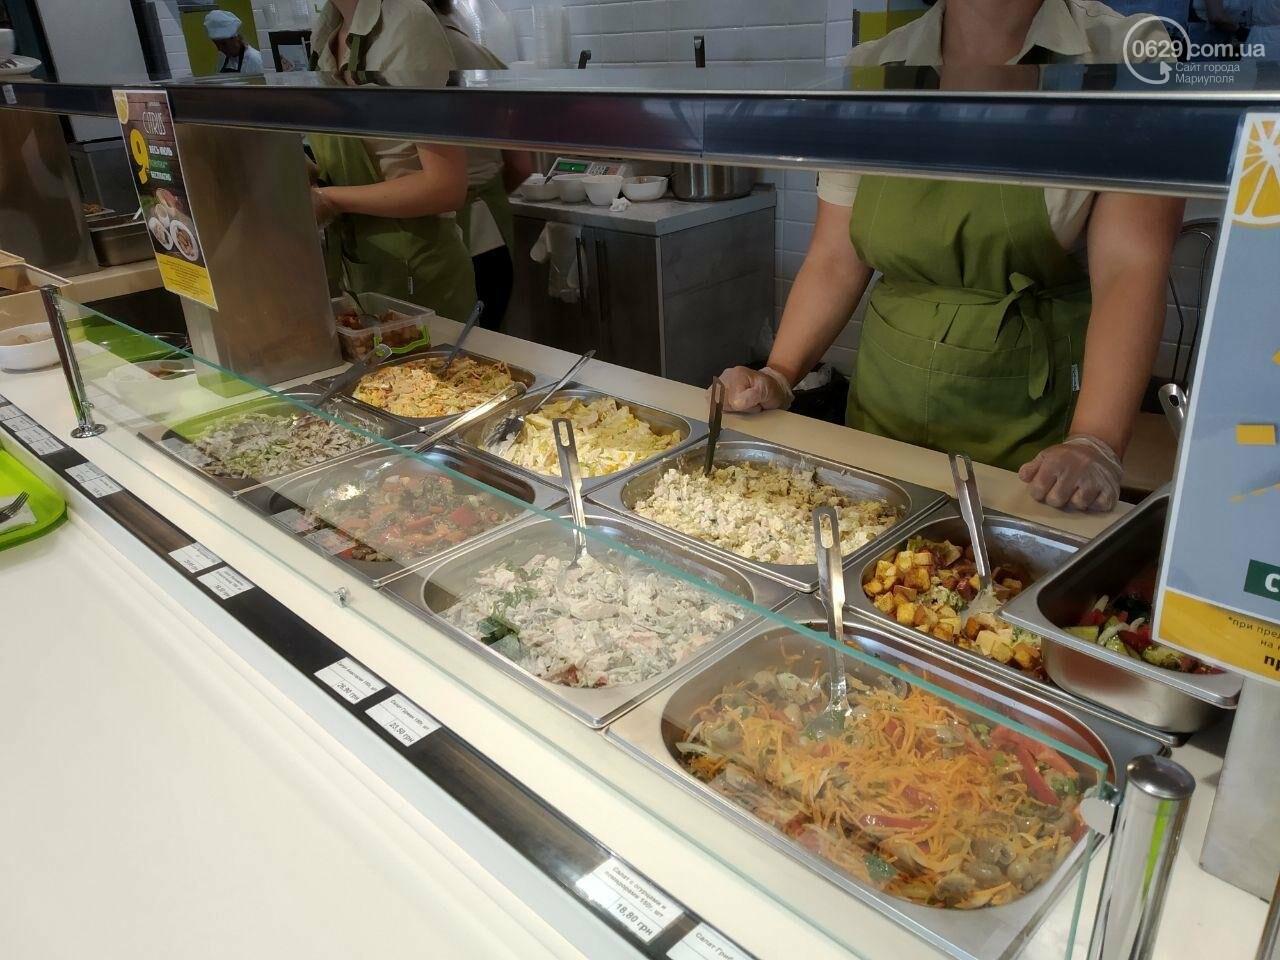 Тайный покупатель проверил кафе домашней кухни Citrus в Мариуполе, - ФОТО, фото-6